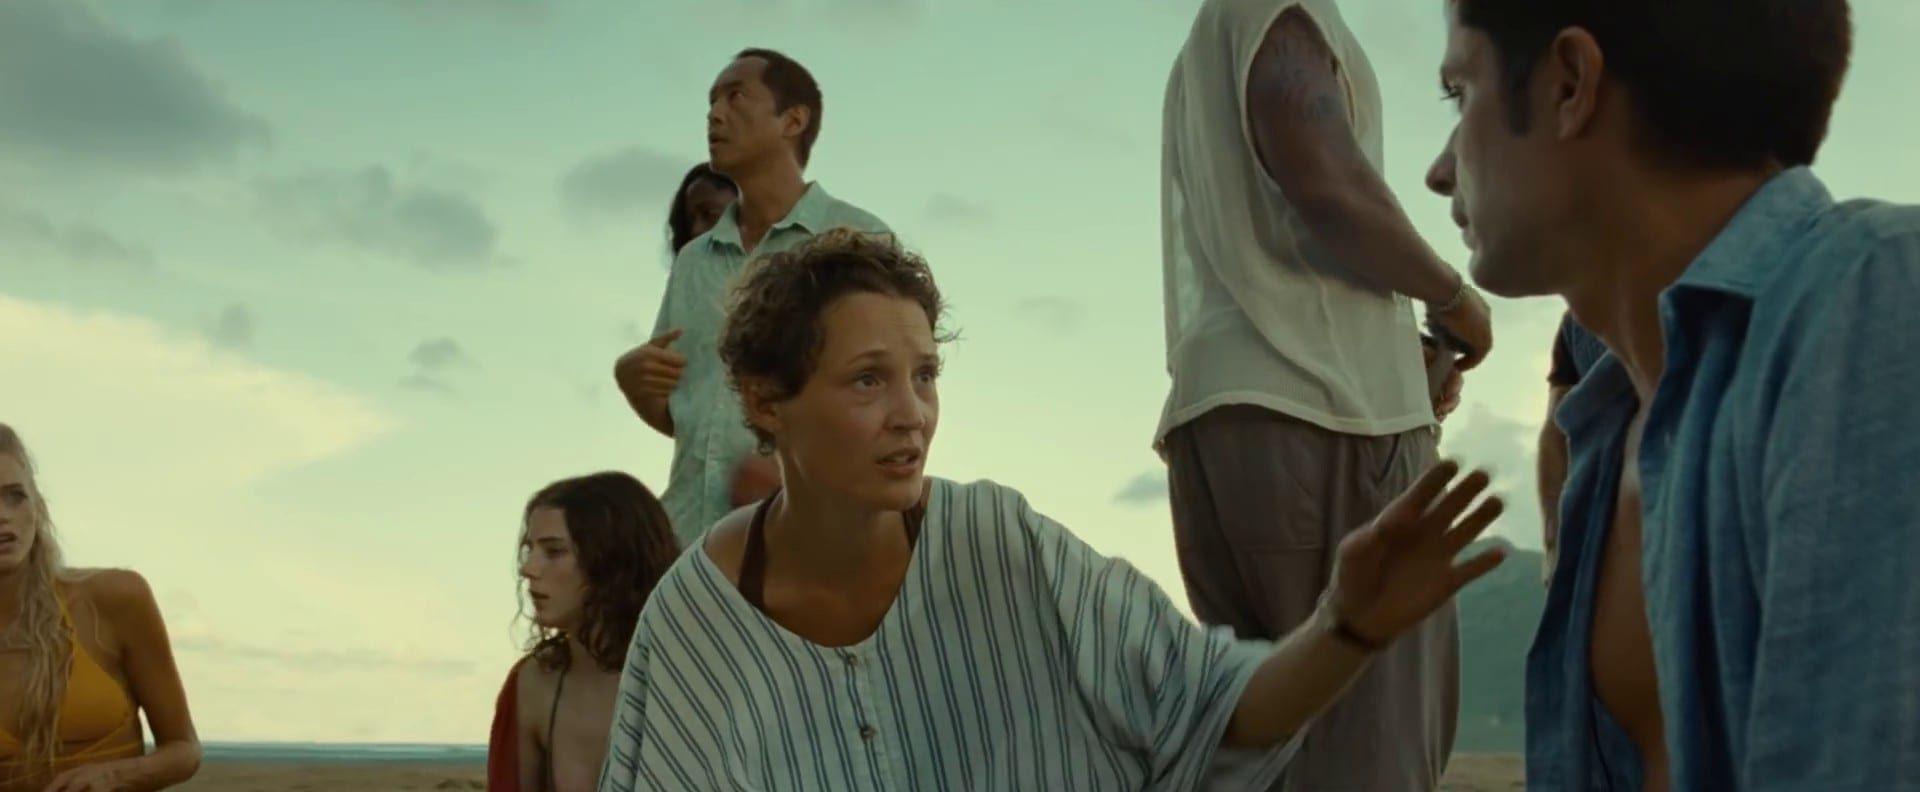 Critics Review M. Night Shyamalan's Old